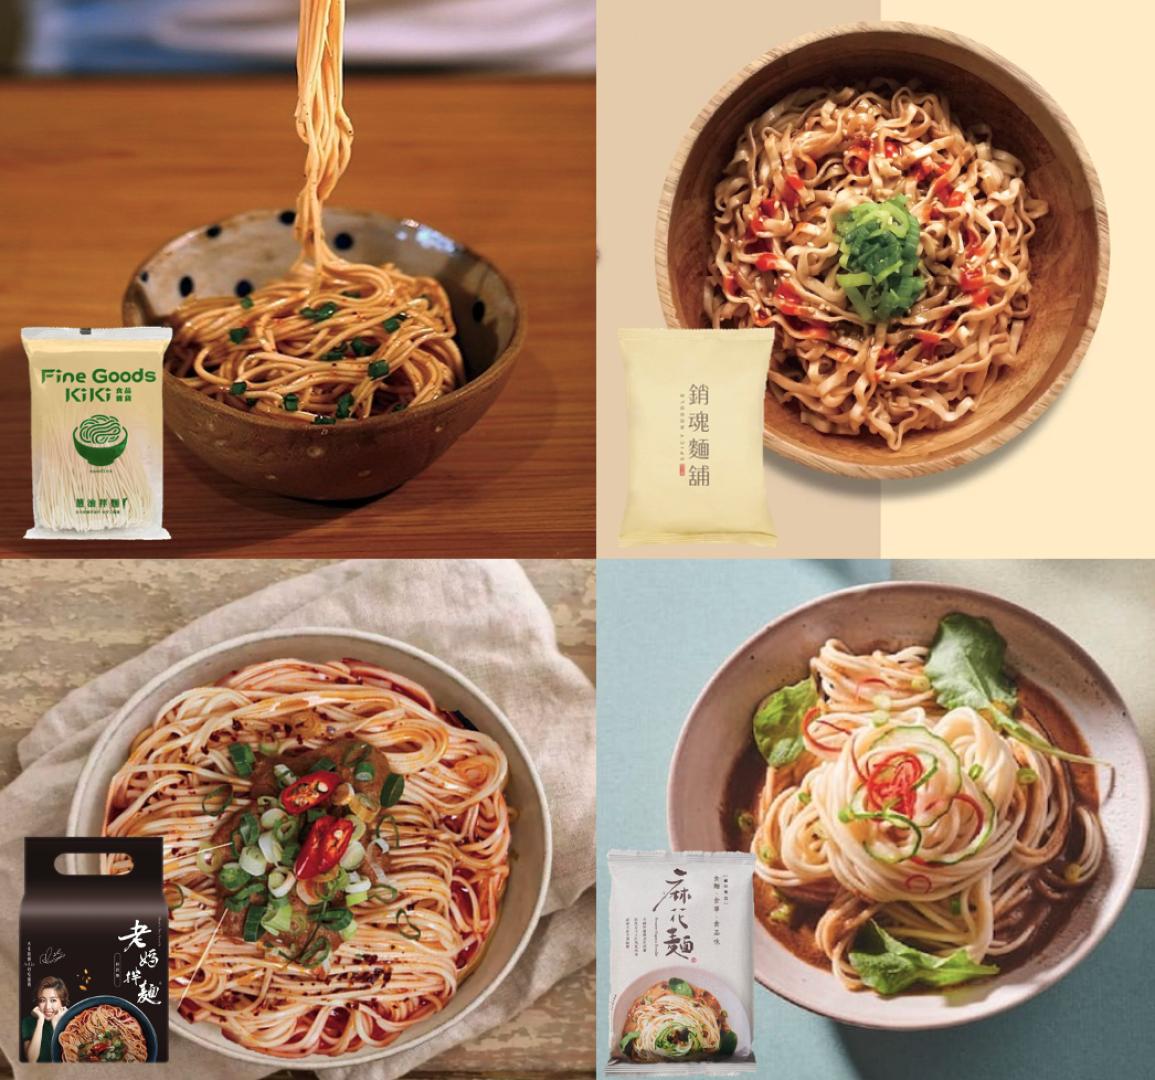 おうちで台湾| 台湾まぜそば 食べ比べセット(銷魂麺舖・KiKi・老媽拌麵・賈以食日) |日本国内配送 | 送料込み